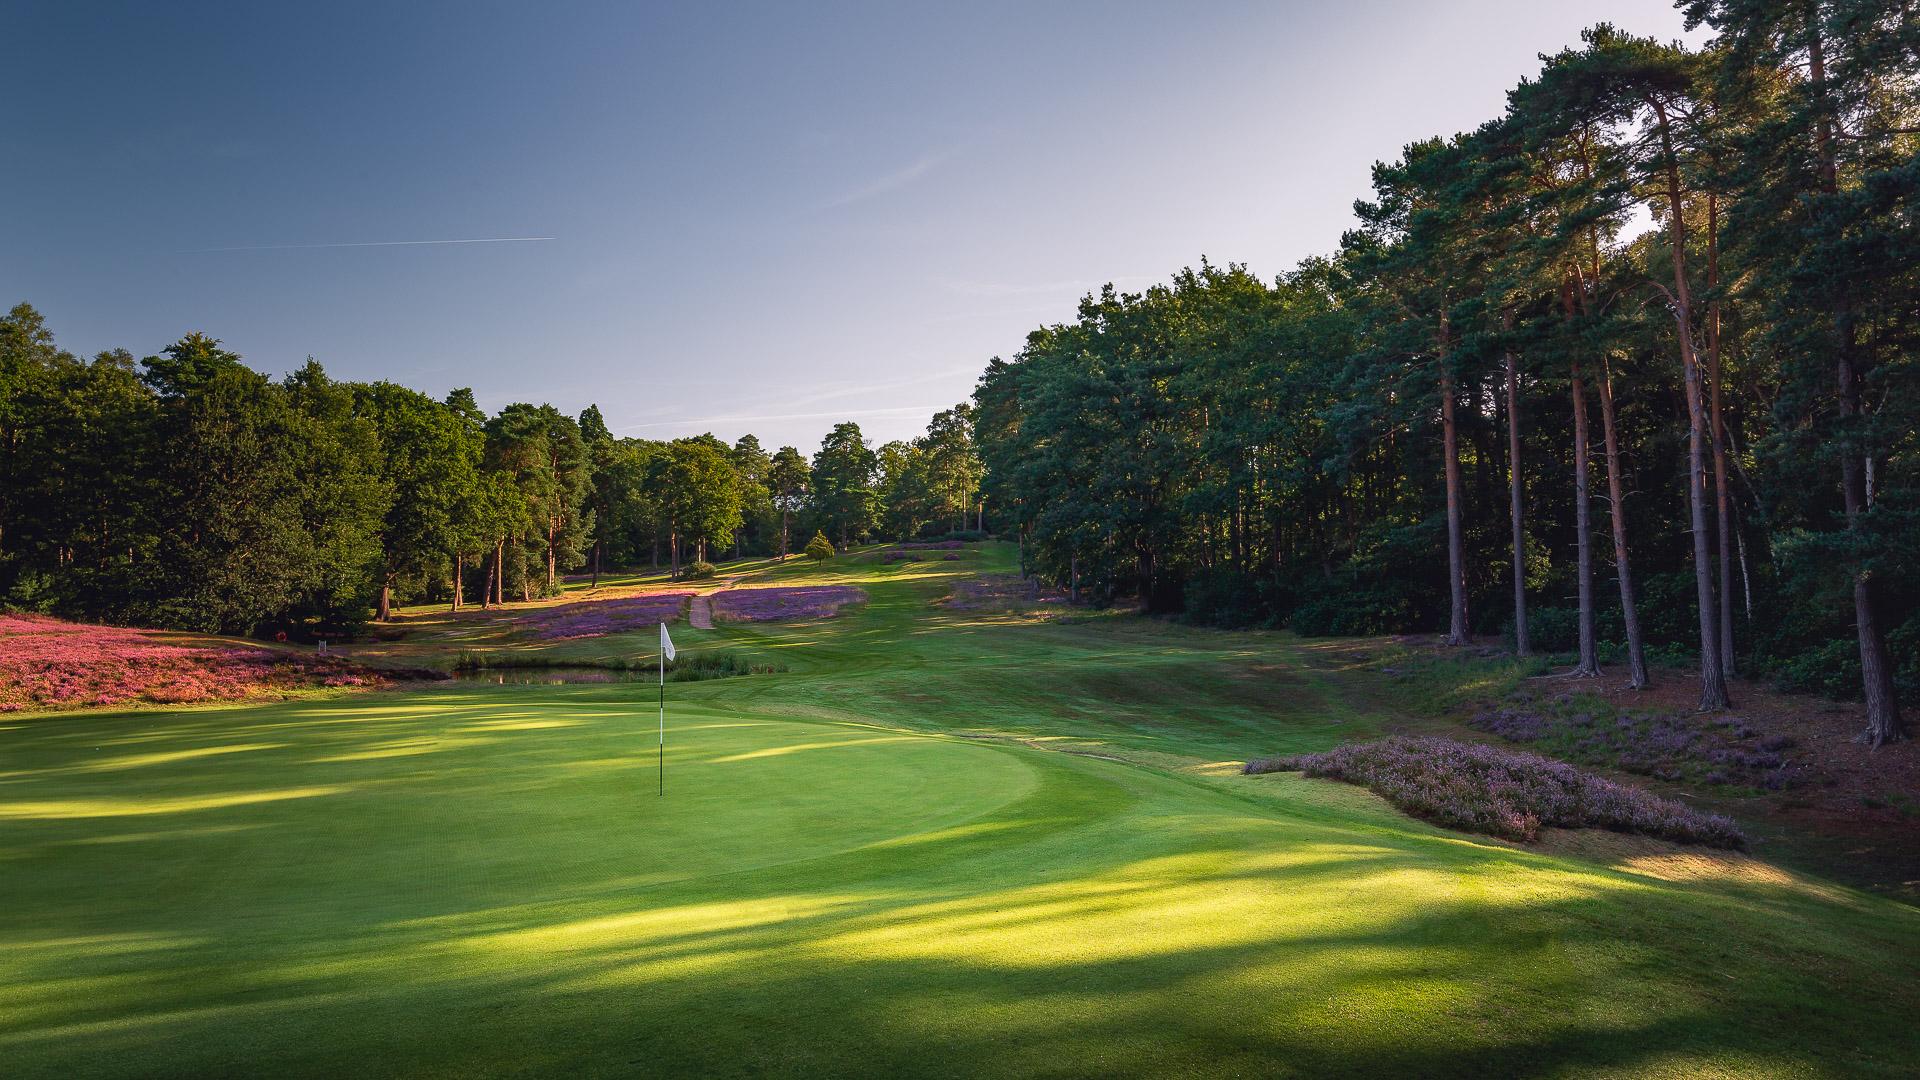 14th-Hole-St-Georges-Hill-Golf-Club-2272-Edit